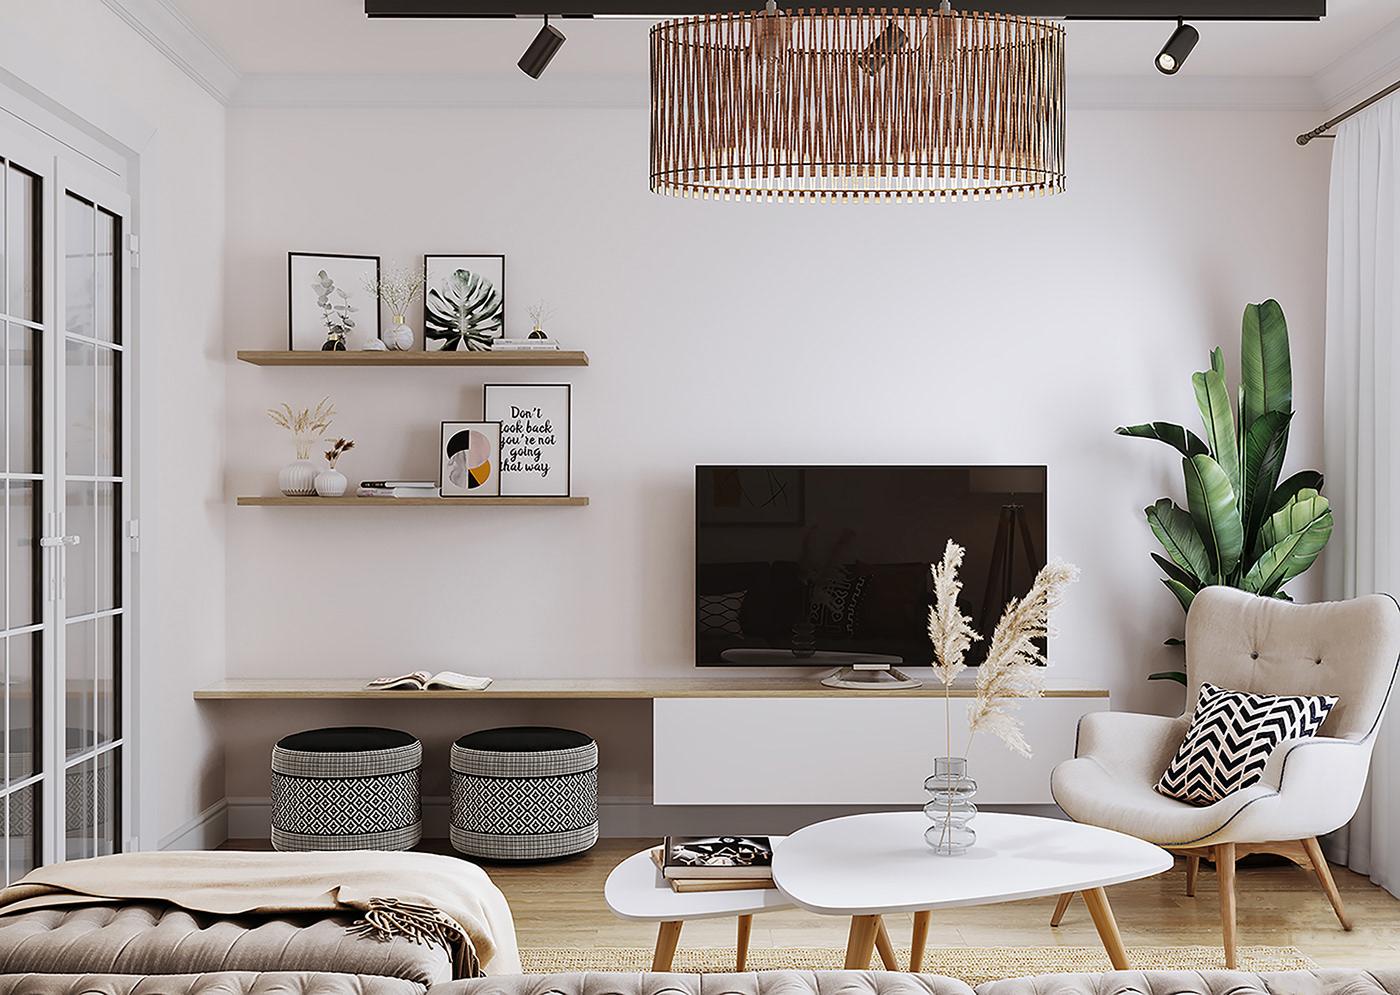 Căn hộ 76m² được kiến trúc sư tư vấn thiết kế theo phong cách Scandinavian chi phí 160 triệu - Ảnh 4.